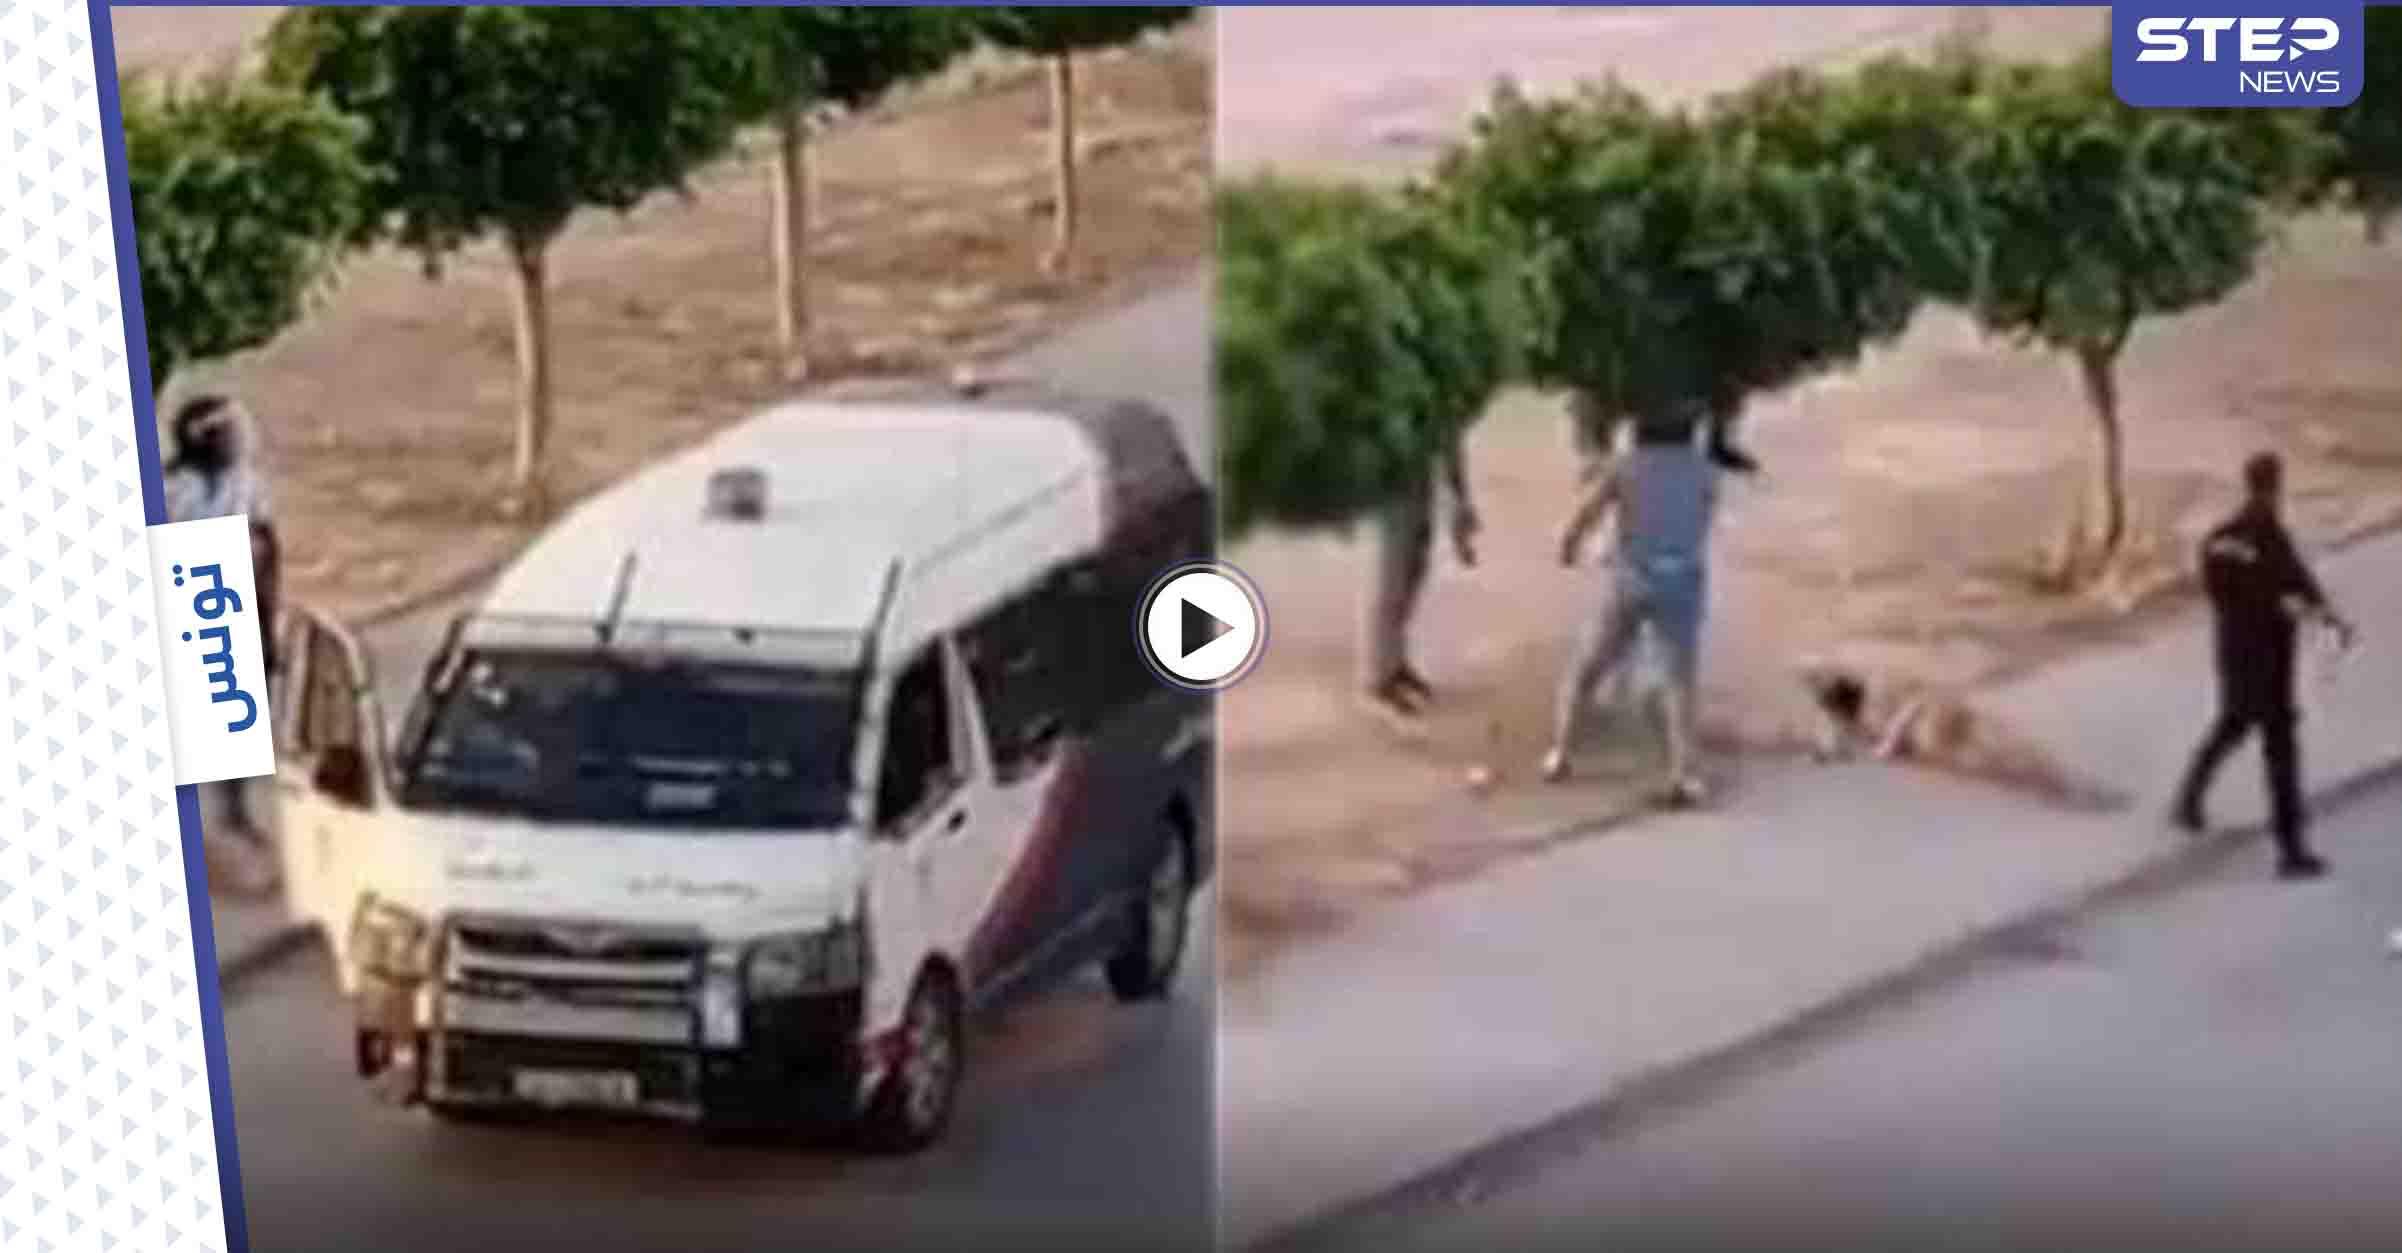 بالفيديو|| مشاهد تشبه مشاهد أبو غريب.. الشرطة التونسية تسحل شاباً وتعرّيه والبرلمان يتحرك